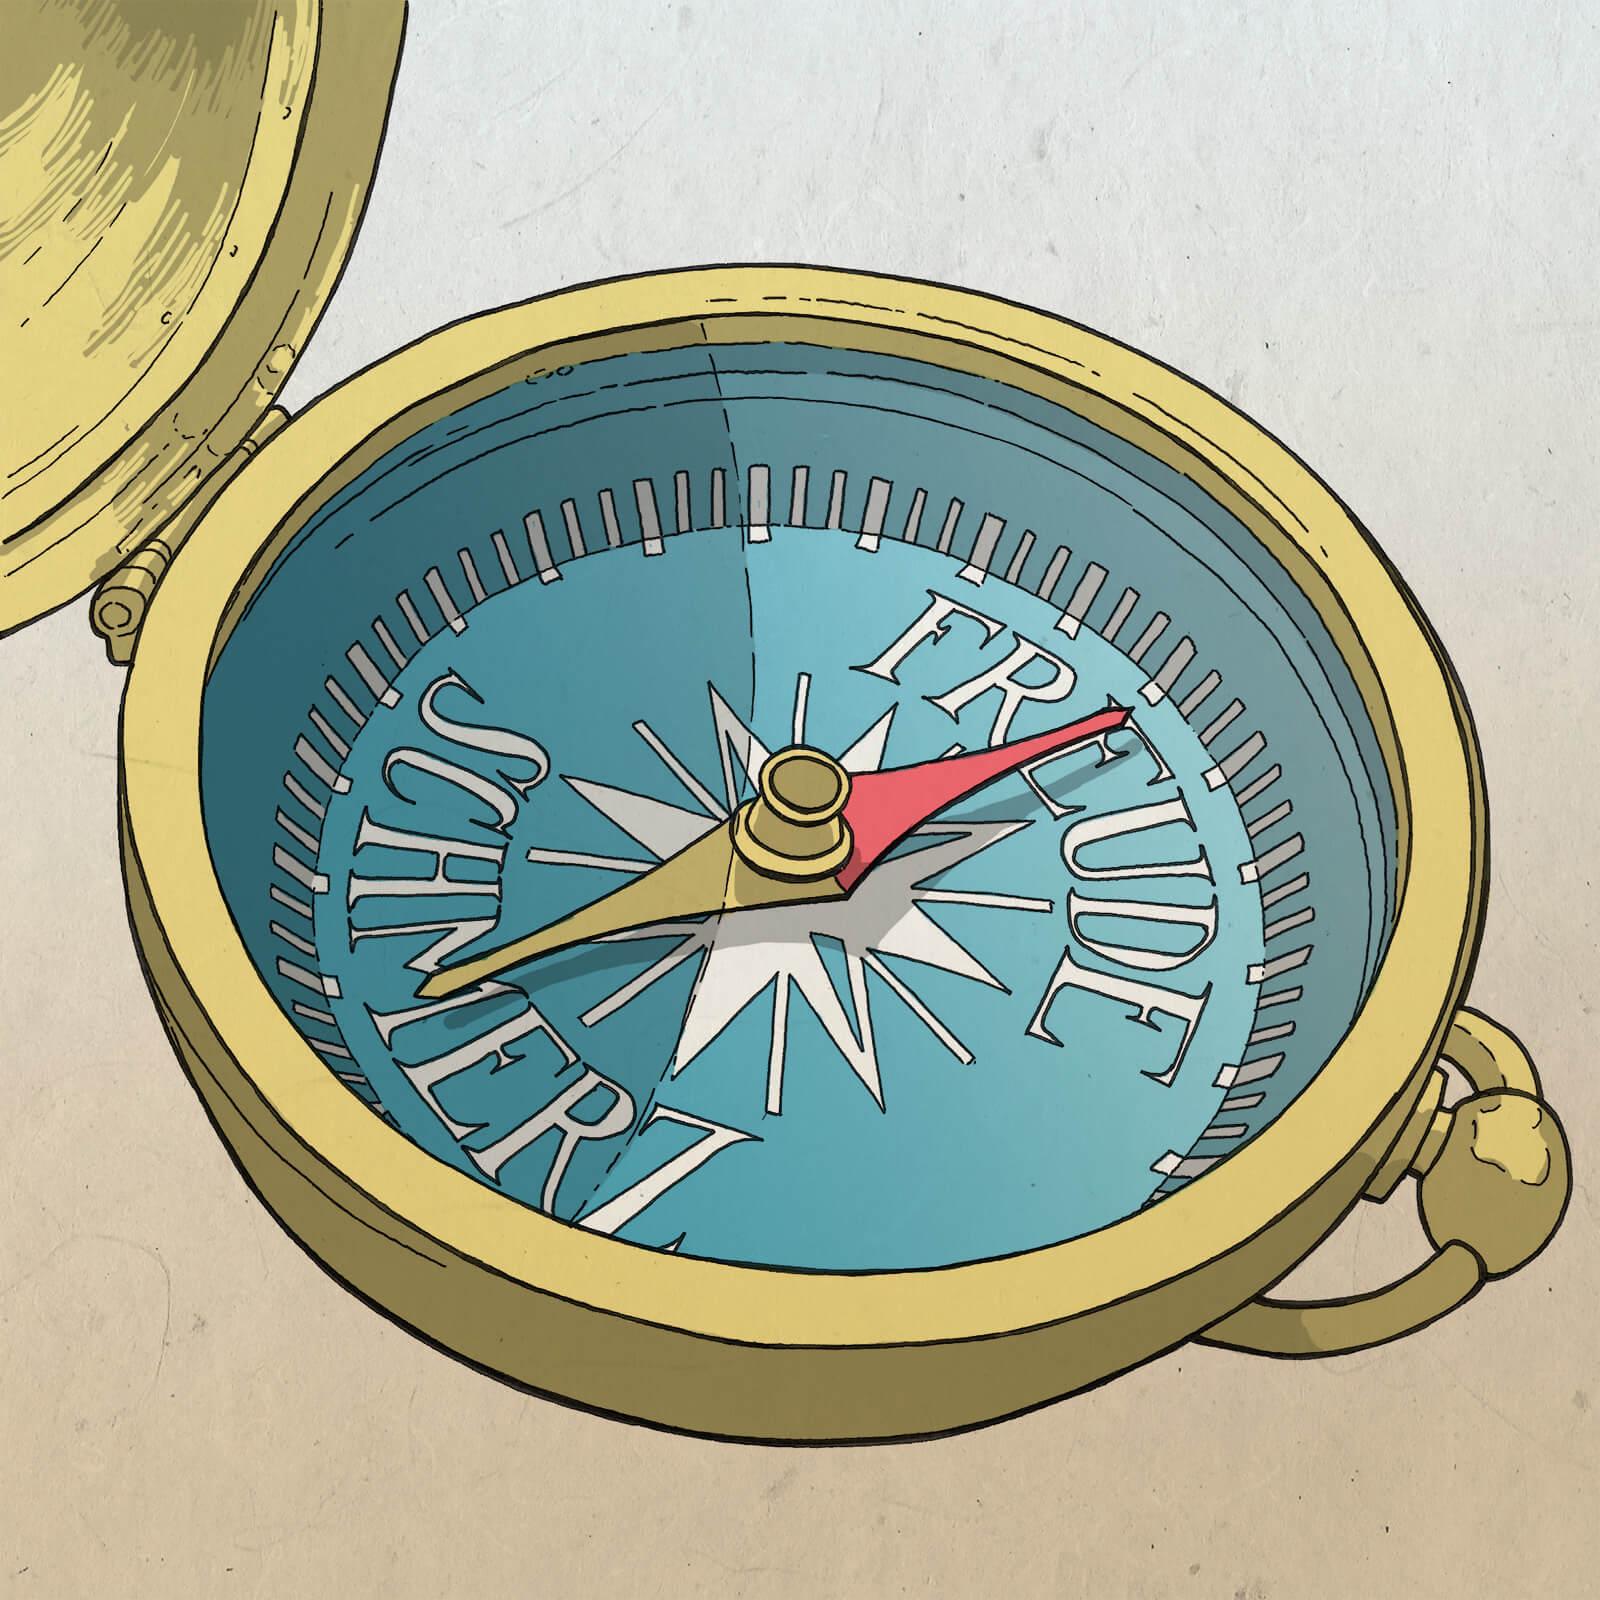 Dein innerer Kompass